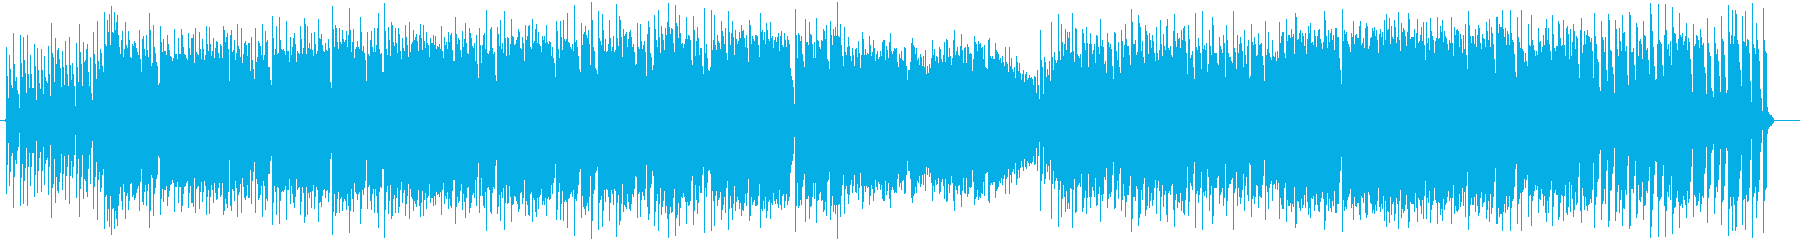 うきうきするようなポップな曲の再生済みの波形